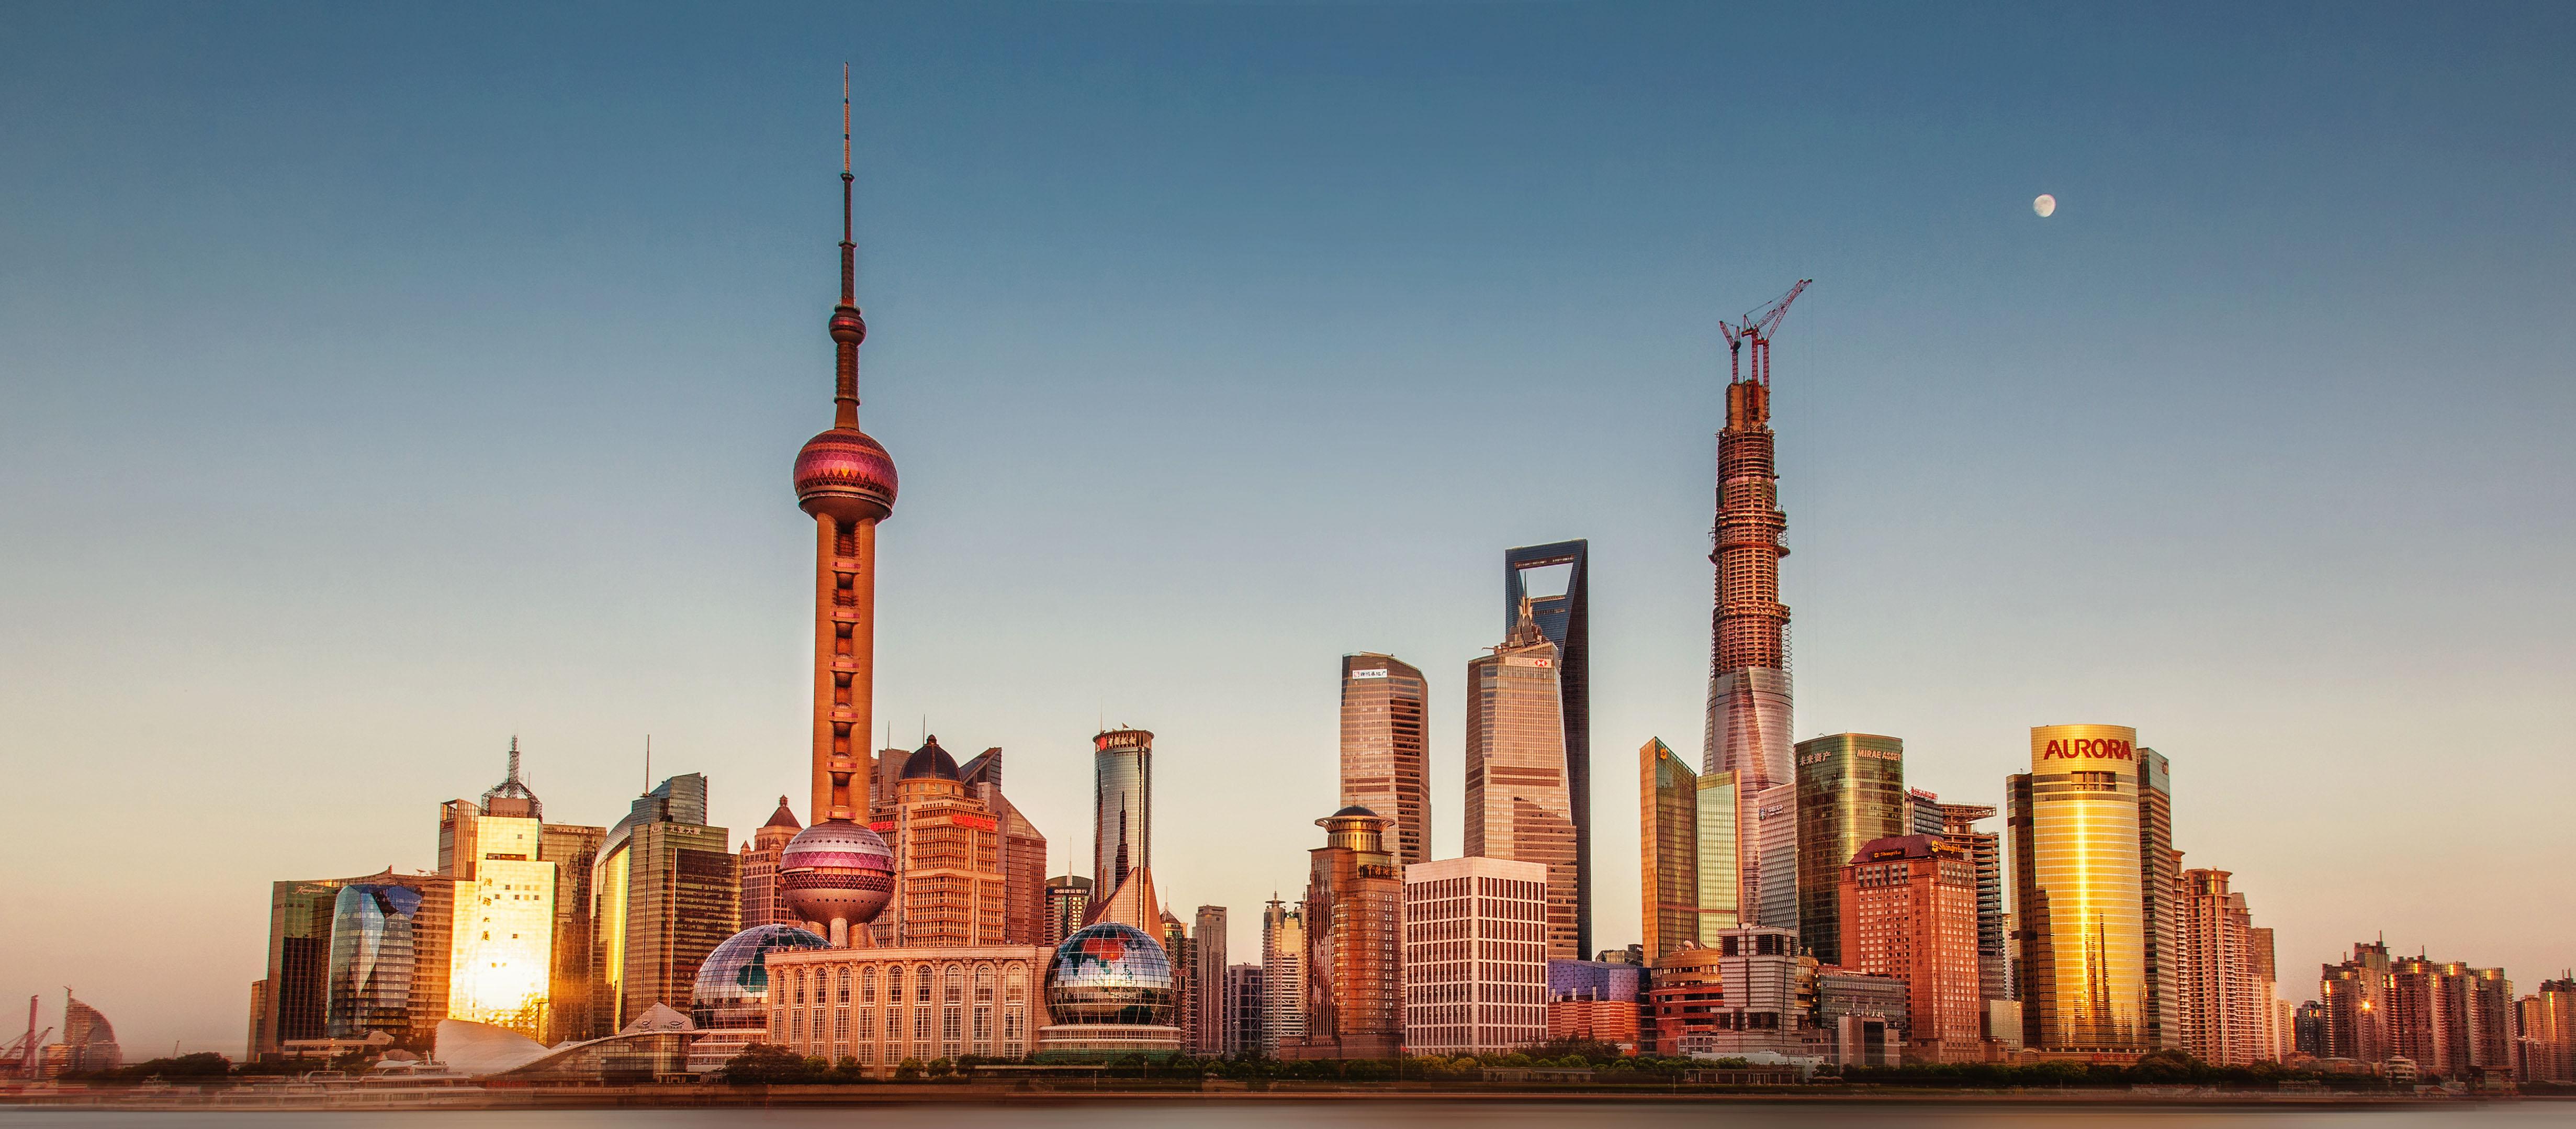 Shanghai Tower Shanghai Metal Corporation